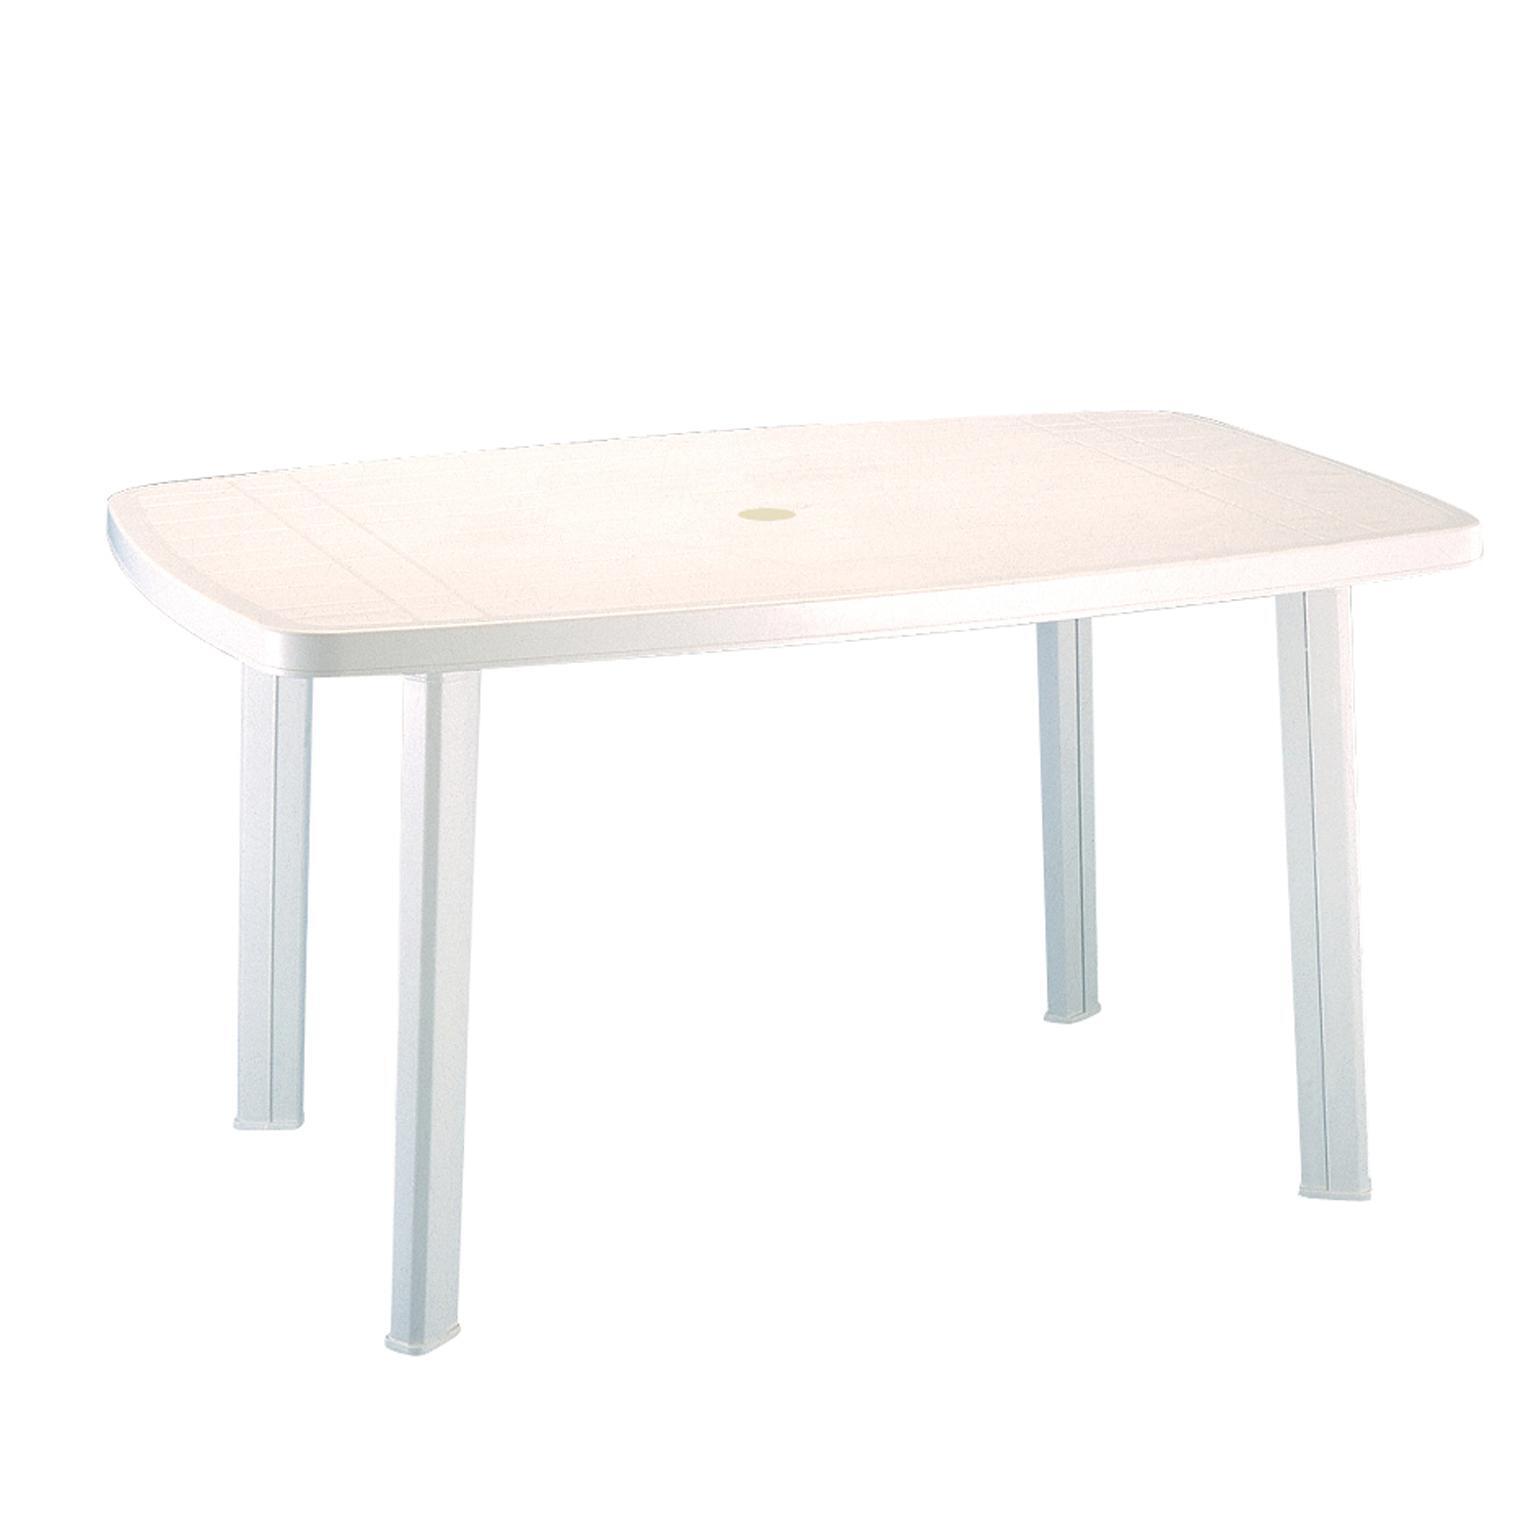 Tavolo da giardino rettangolare Faro con piano in resina L 85 x P 137 cm